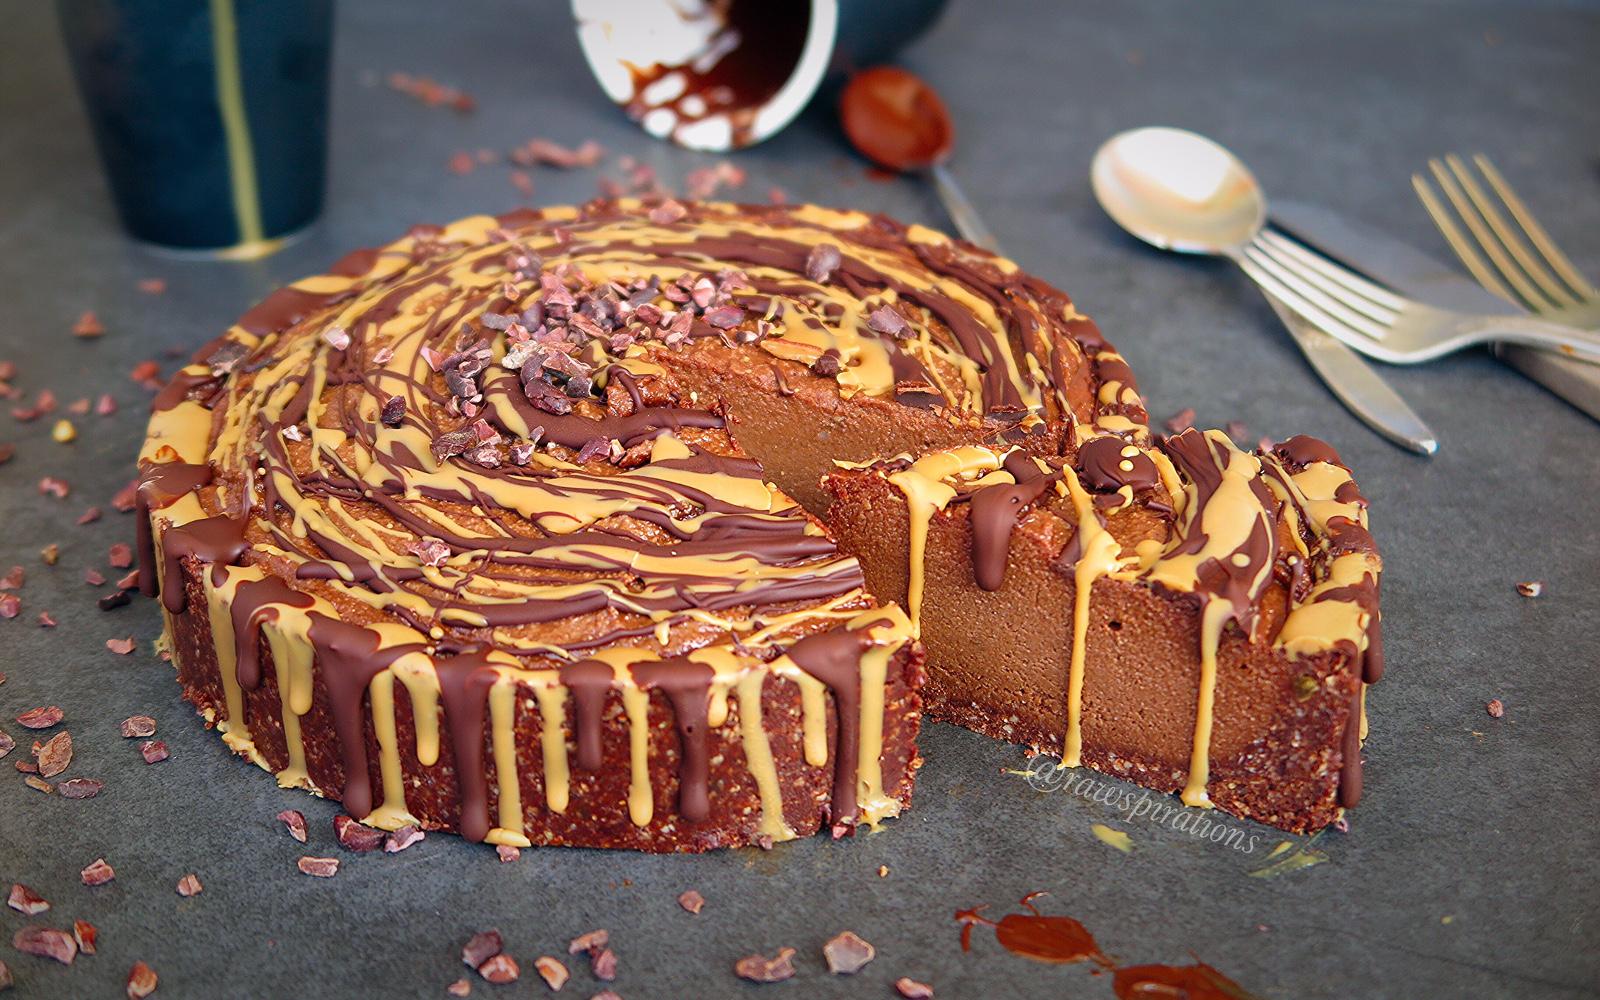 Raw Chocolate Mud Cake